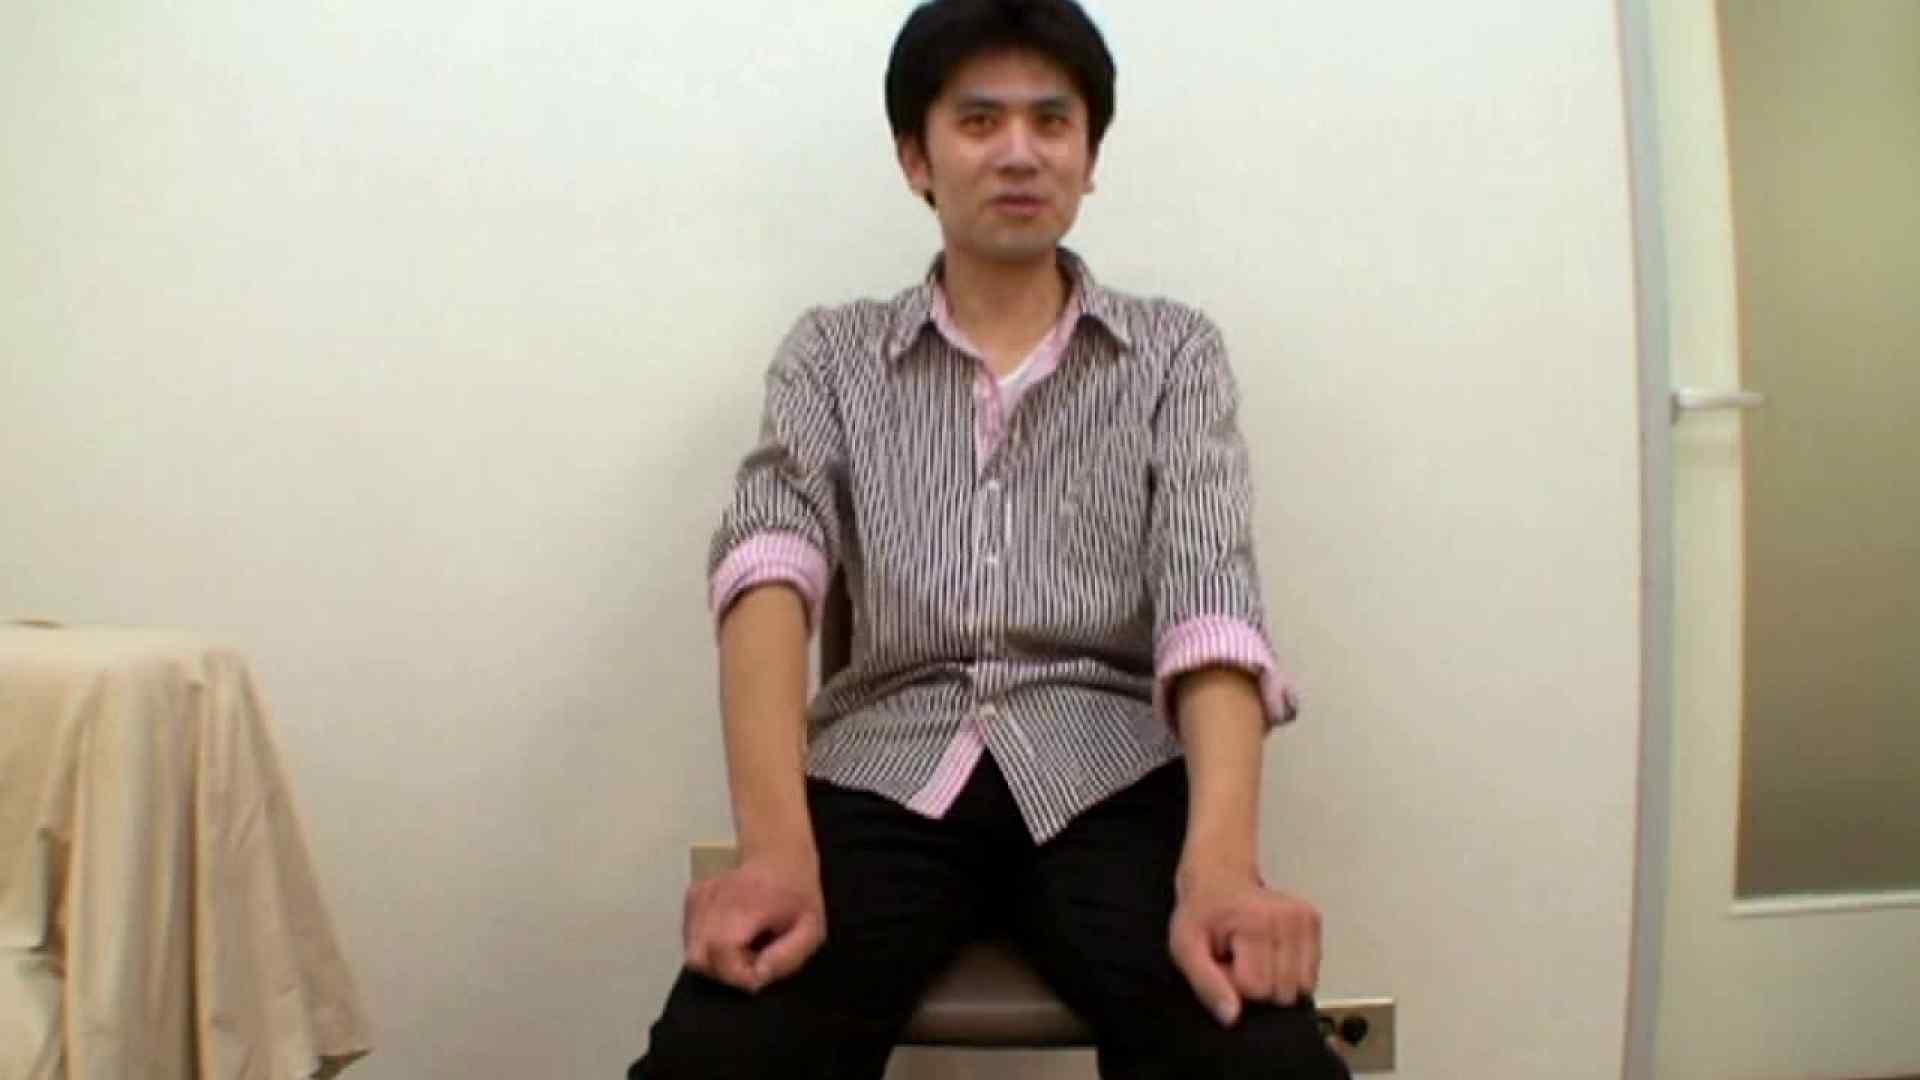 ノンケ!自慰スタジオ No.32 ノンケ達のセックス Guyエロ画像 90画像 30